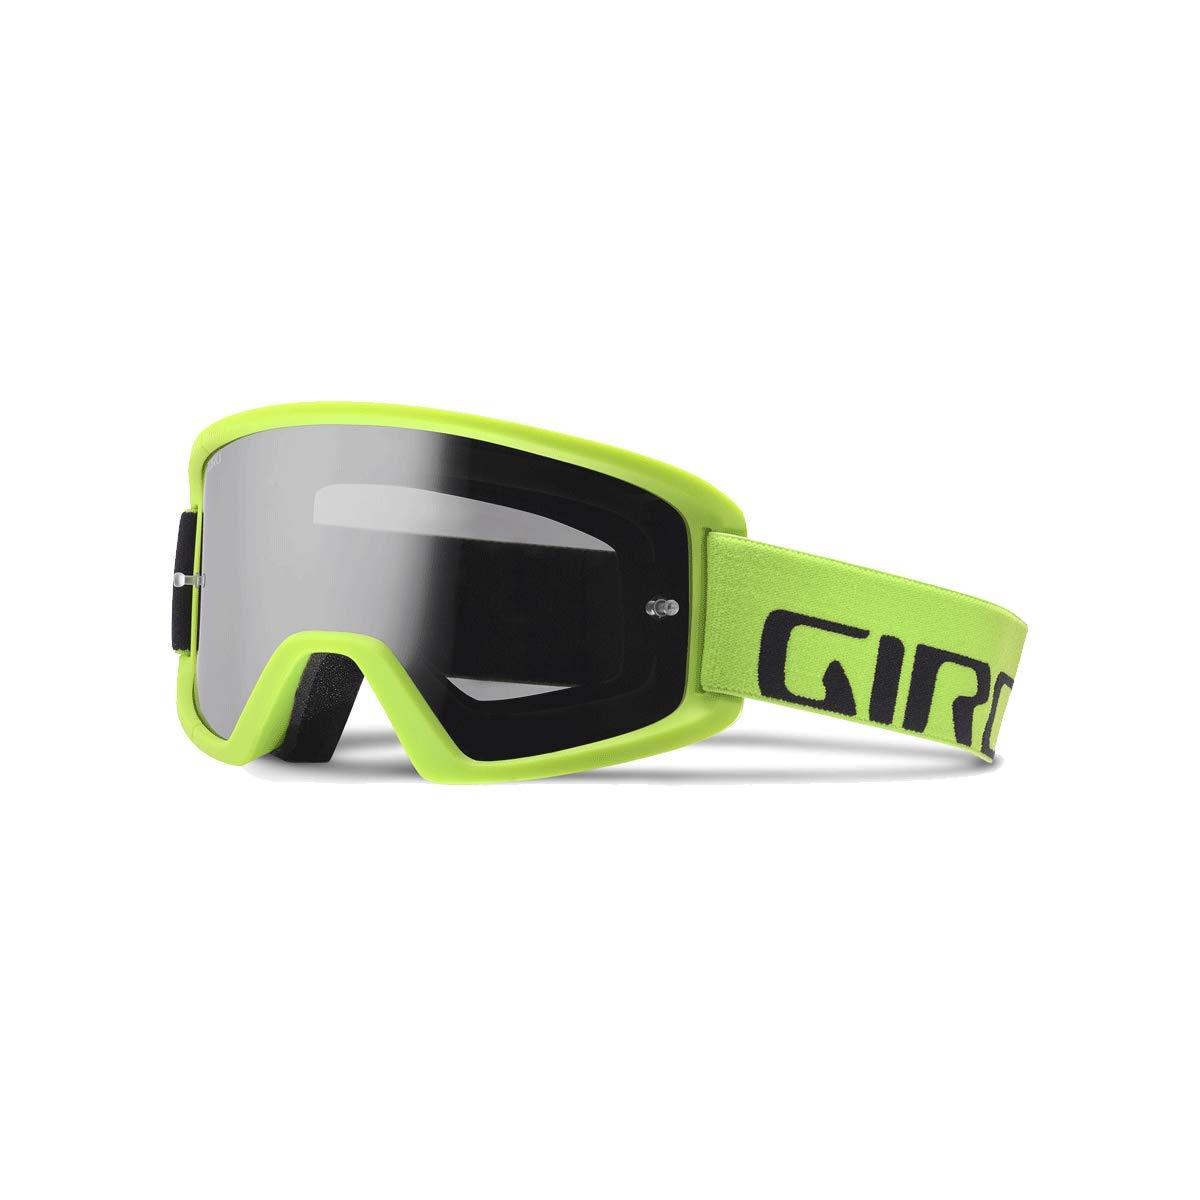 Giro Tazz MTB Bike Goggles GIGTAZZB8